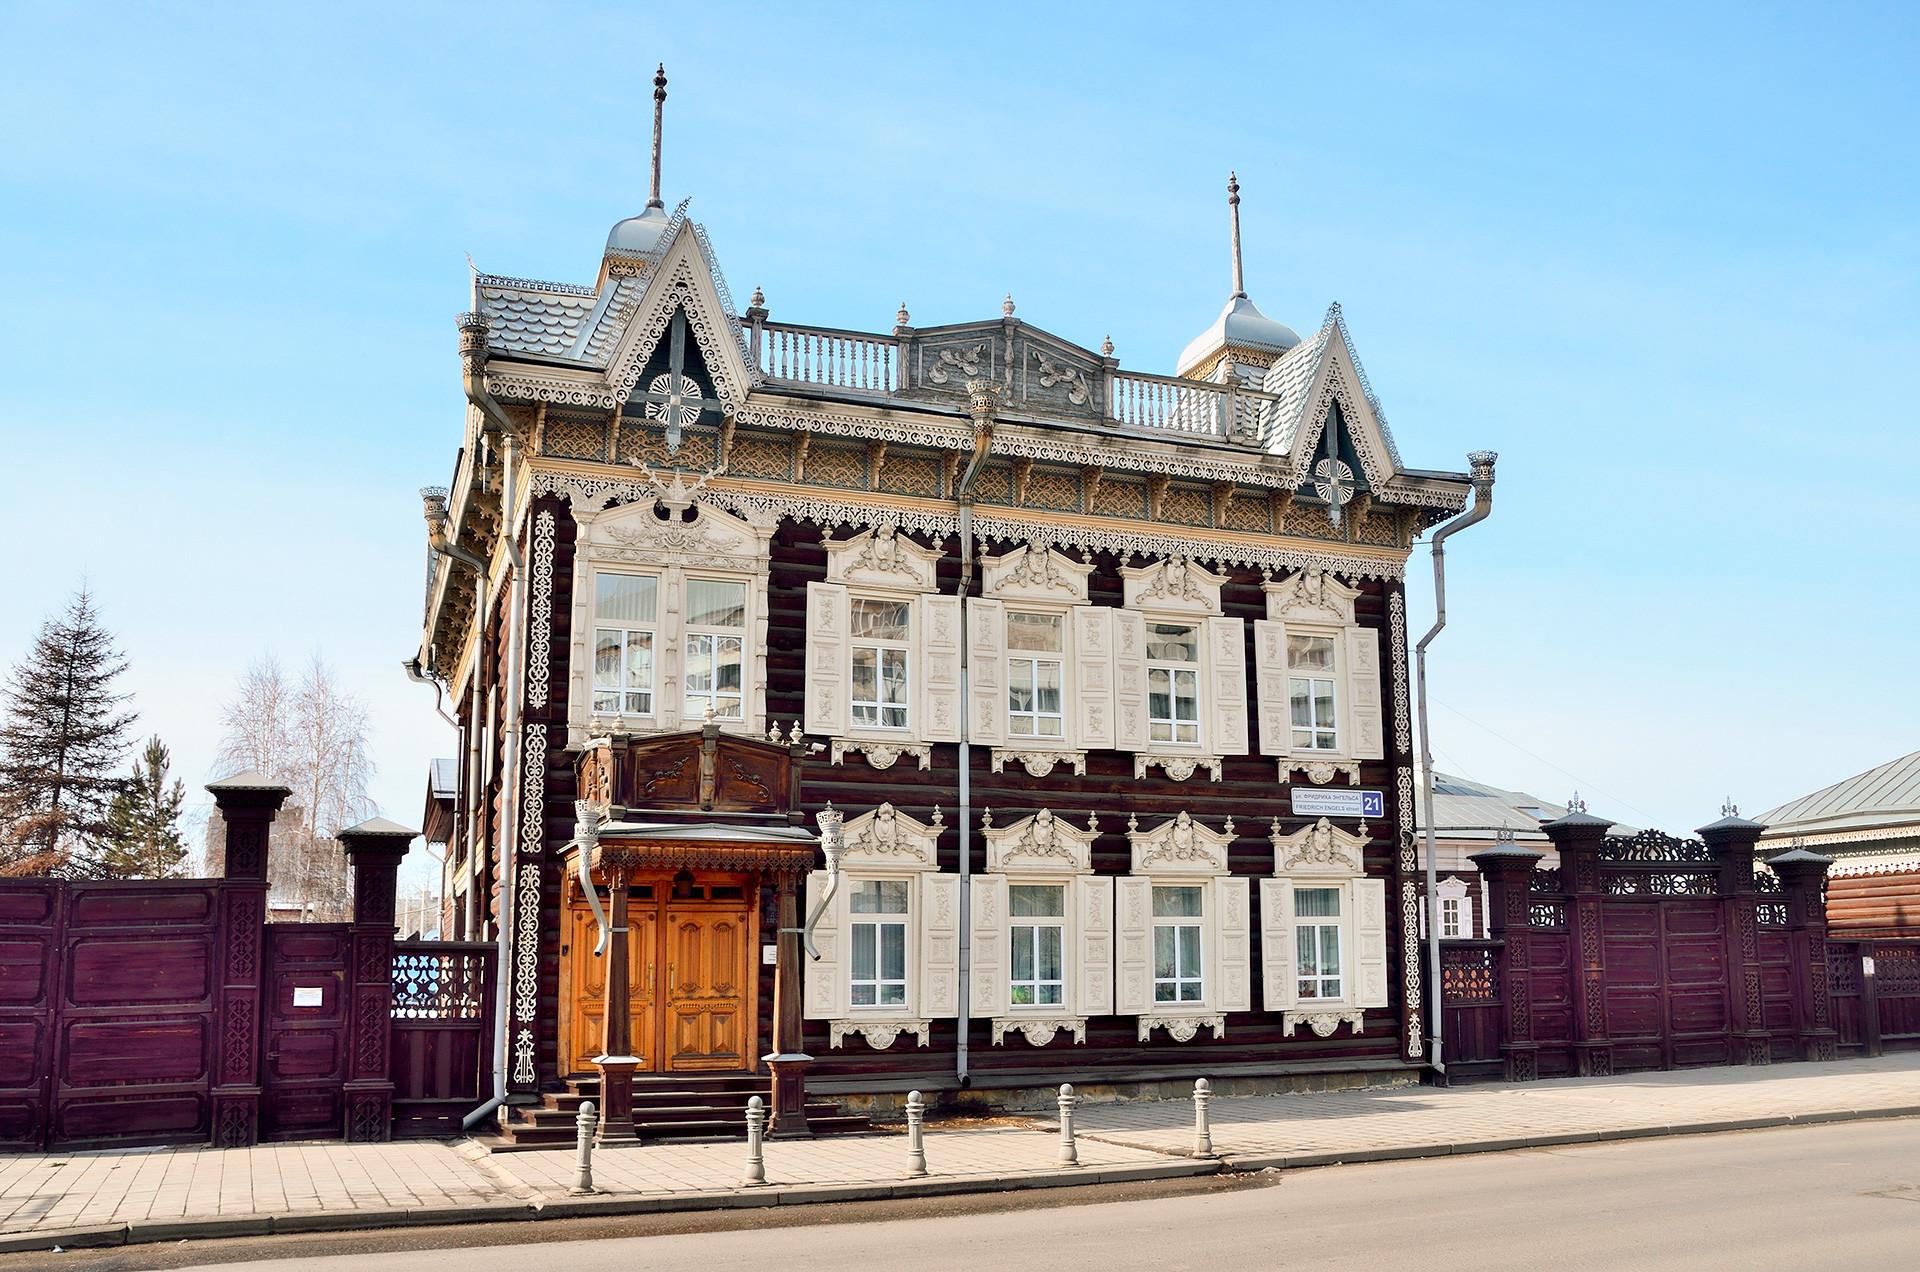 Rumah Eropa (Rumah Keluarga Shastin) di Irkurtsk